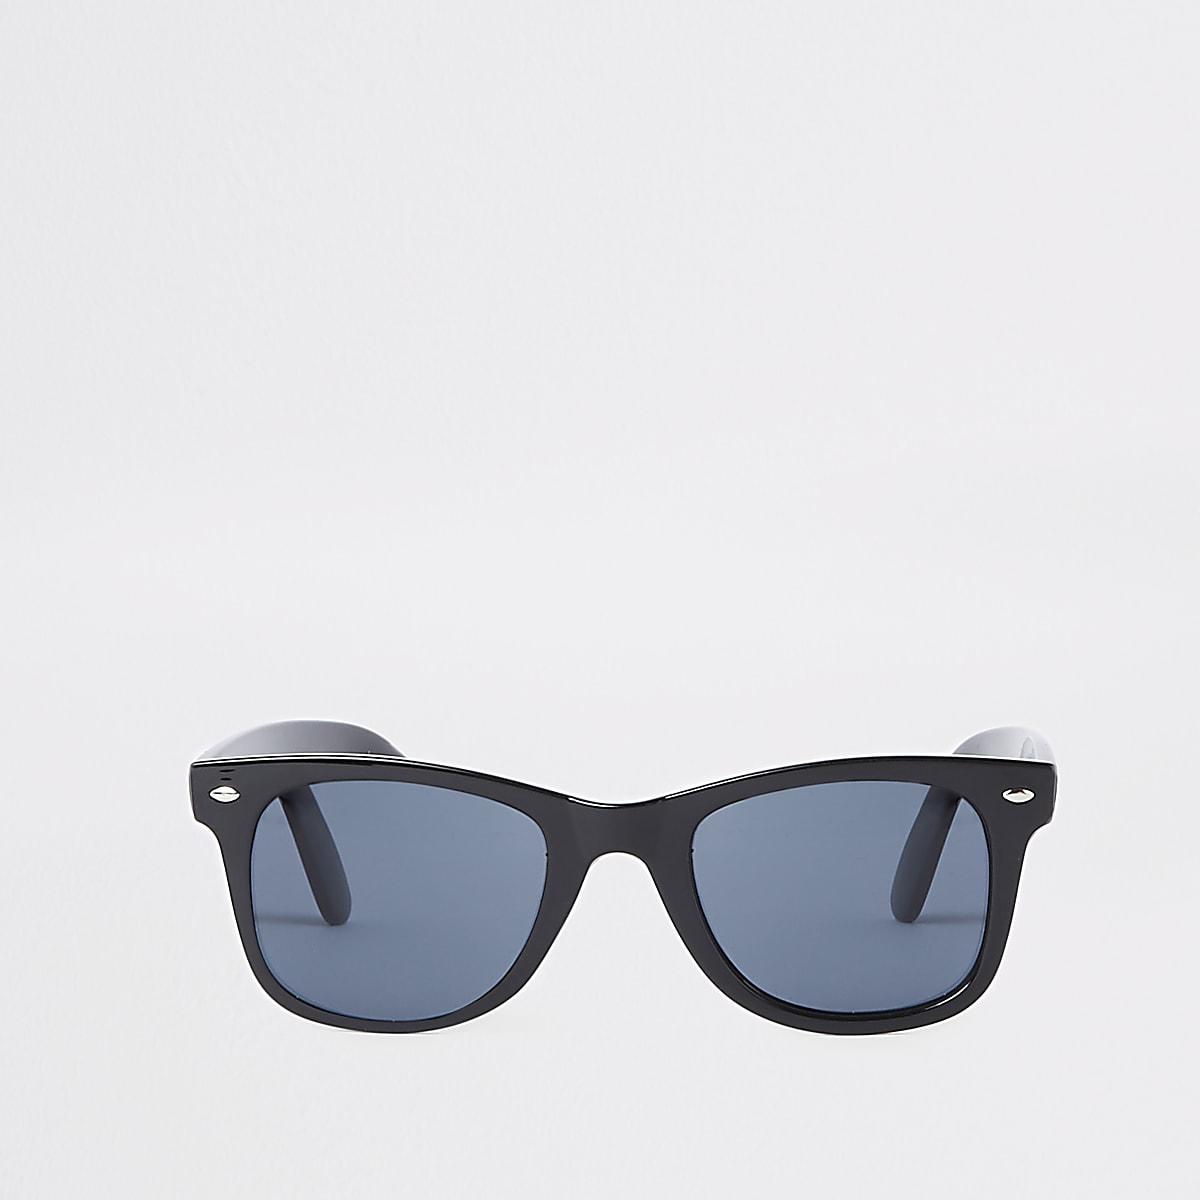 f057800b3cd1e8 ... Zwarte smalle retro zonnebril met vierkant montuur en blauwe glazen ...